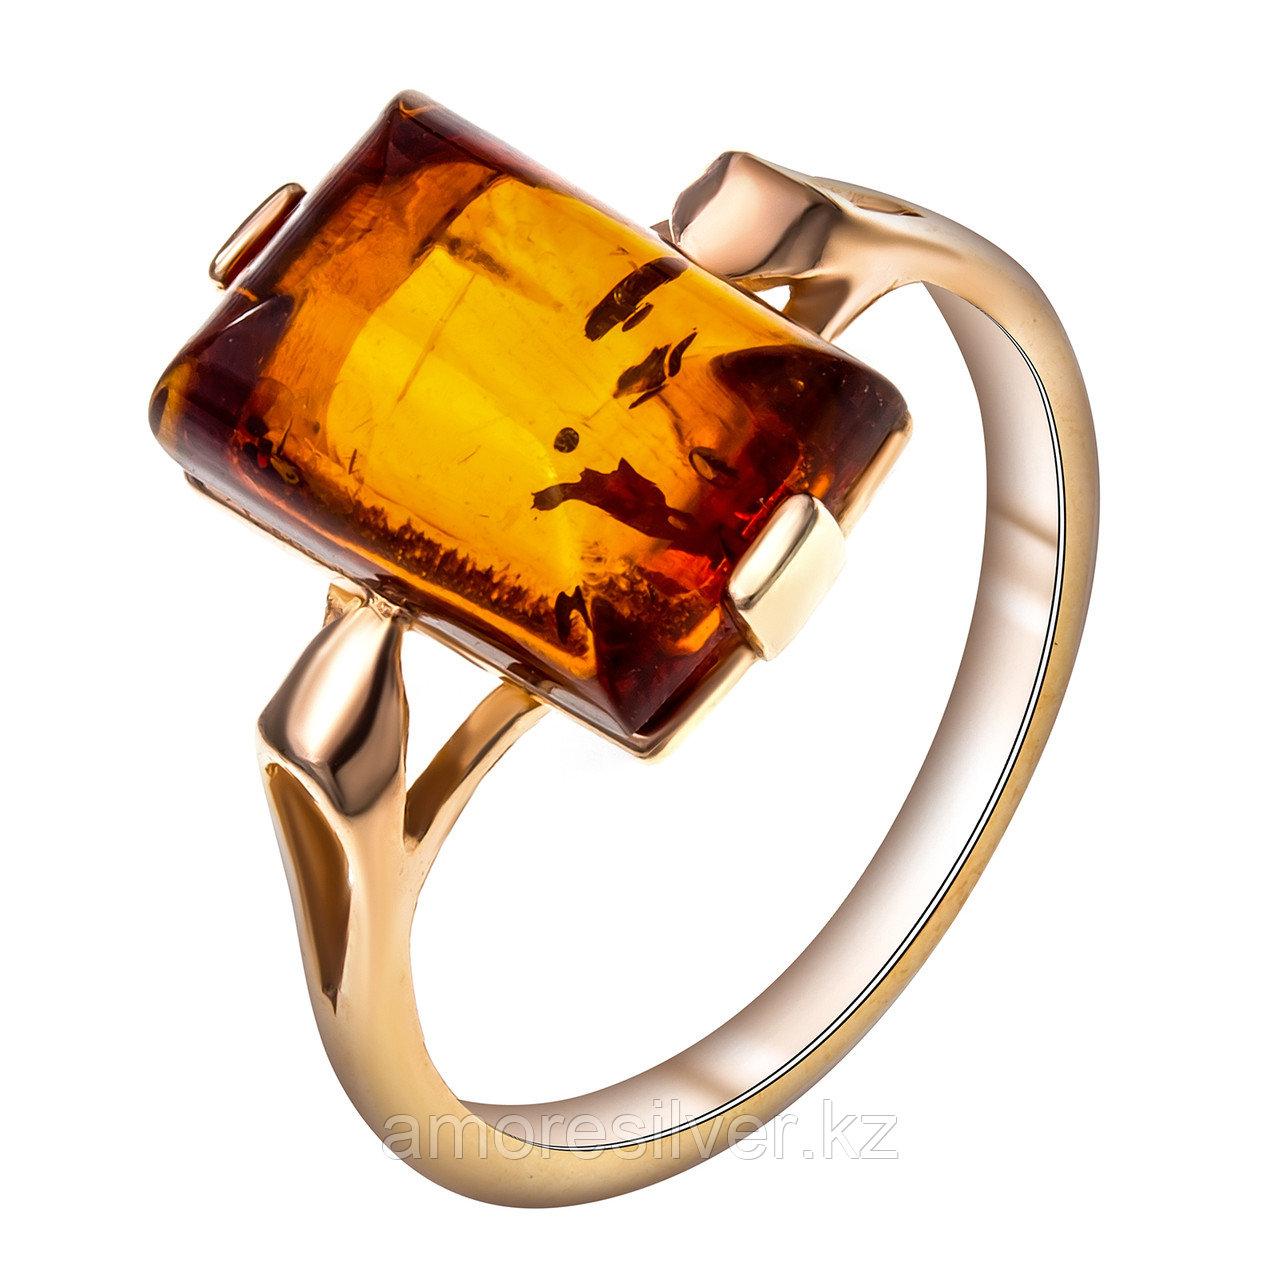 Серебряное кольцо с  и янтарем  ЯНТАРНАЯ ЛАГУНА 4LP158